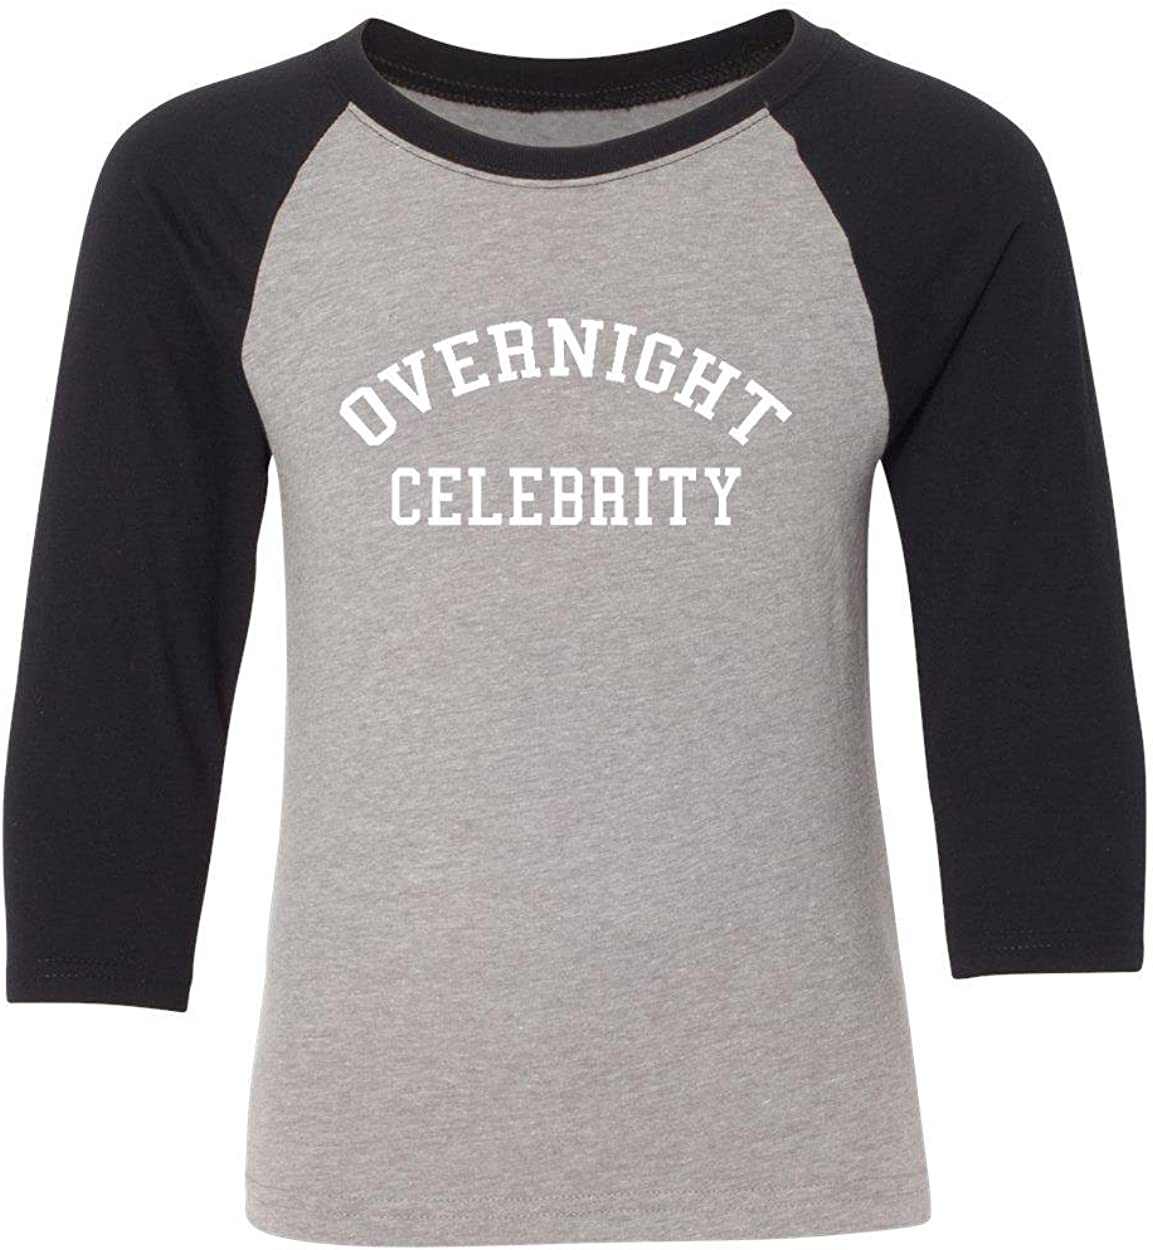 Marky G apparel Boys Overnight Celebrity T-Shirt